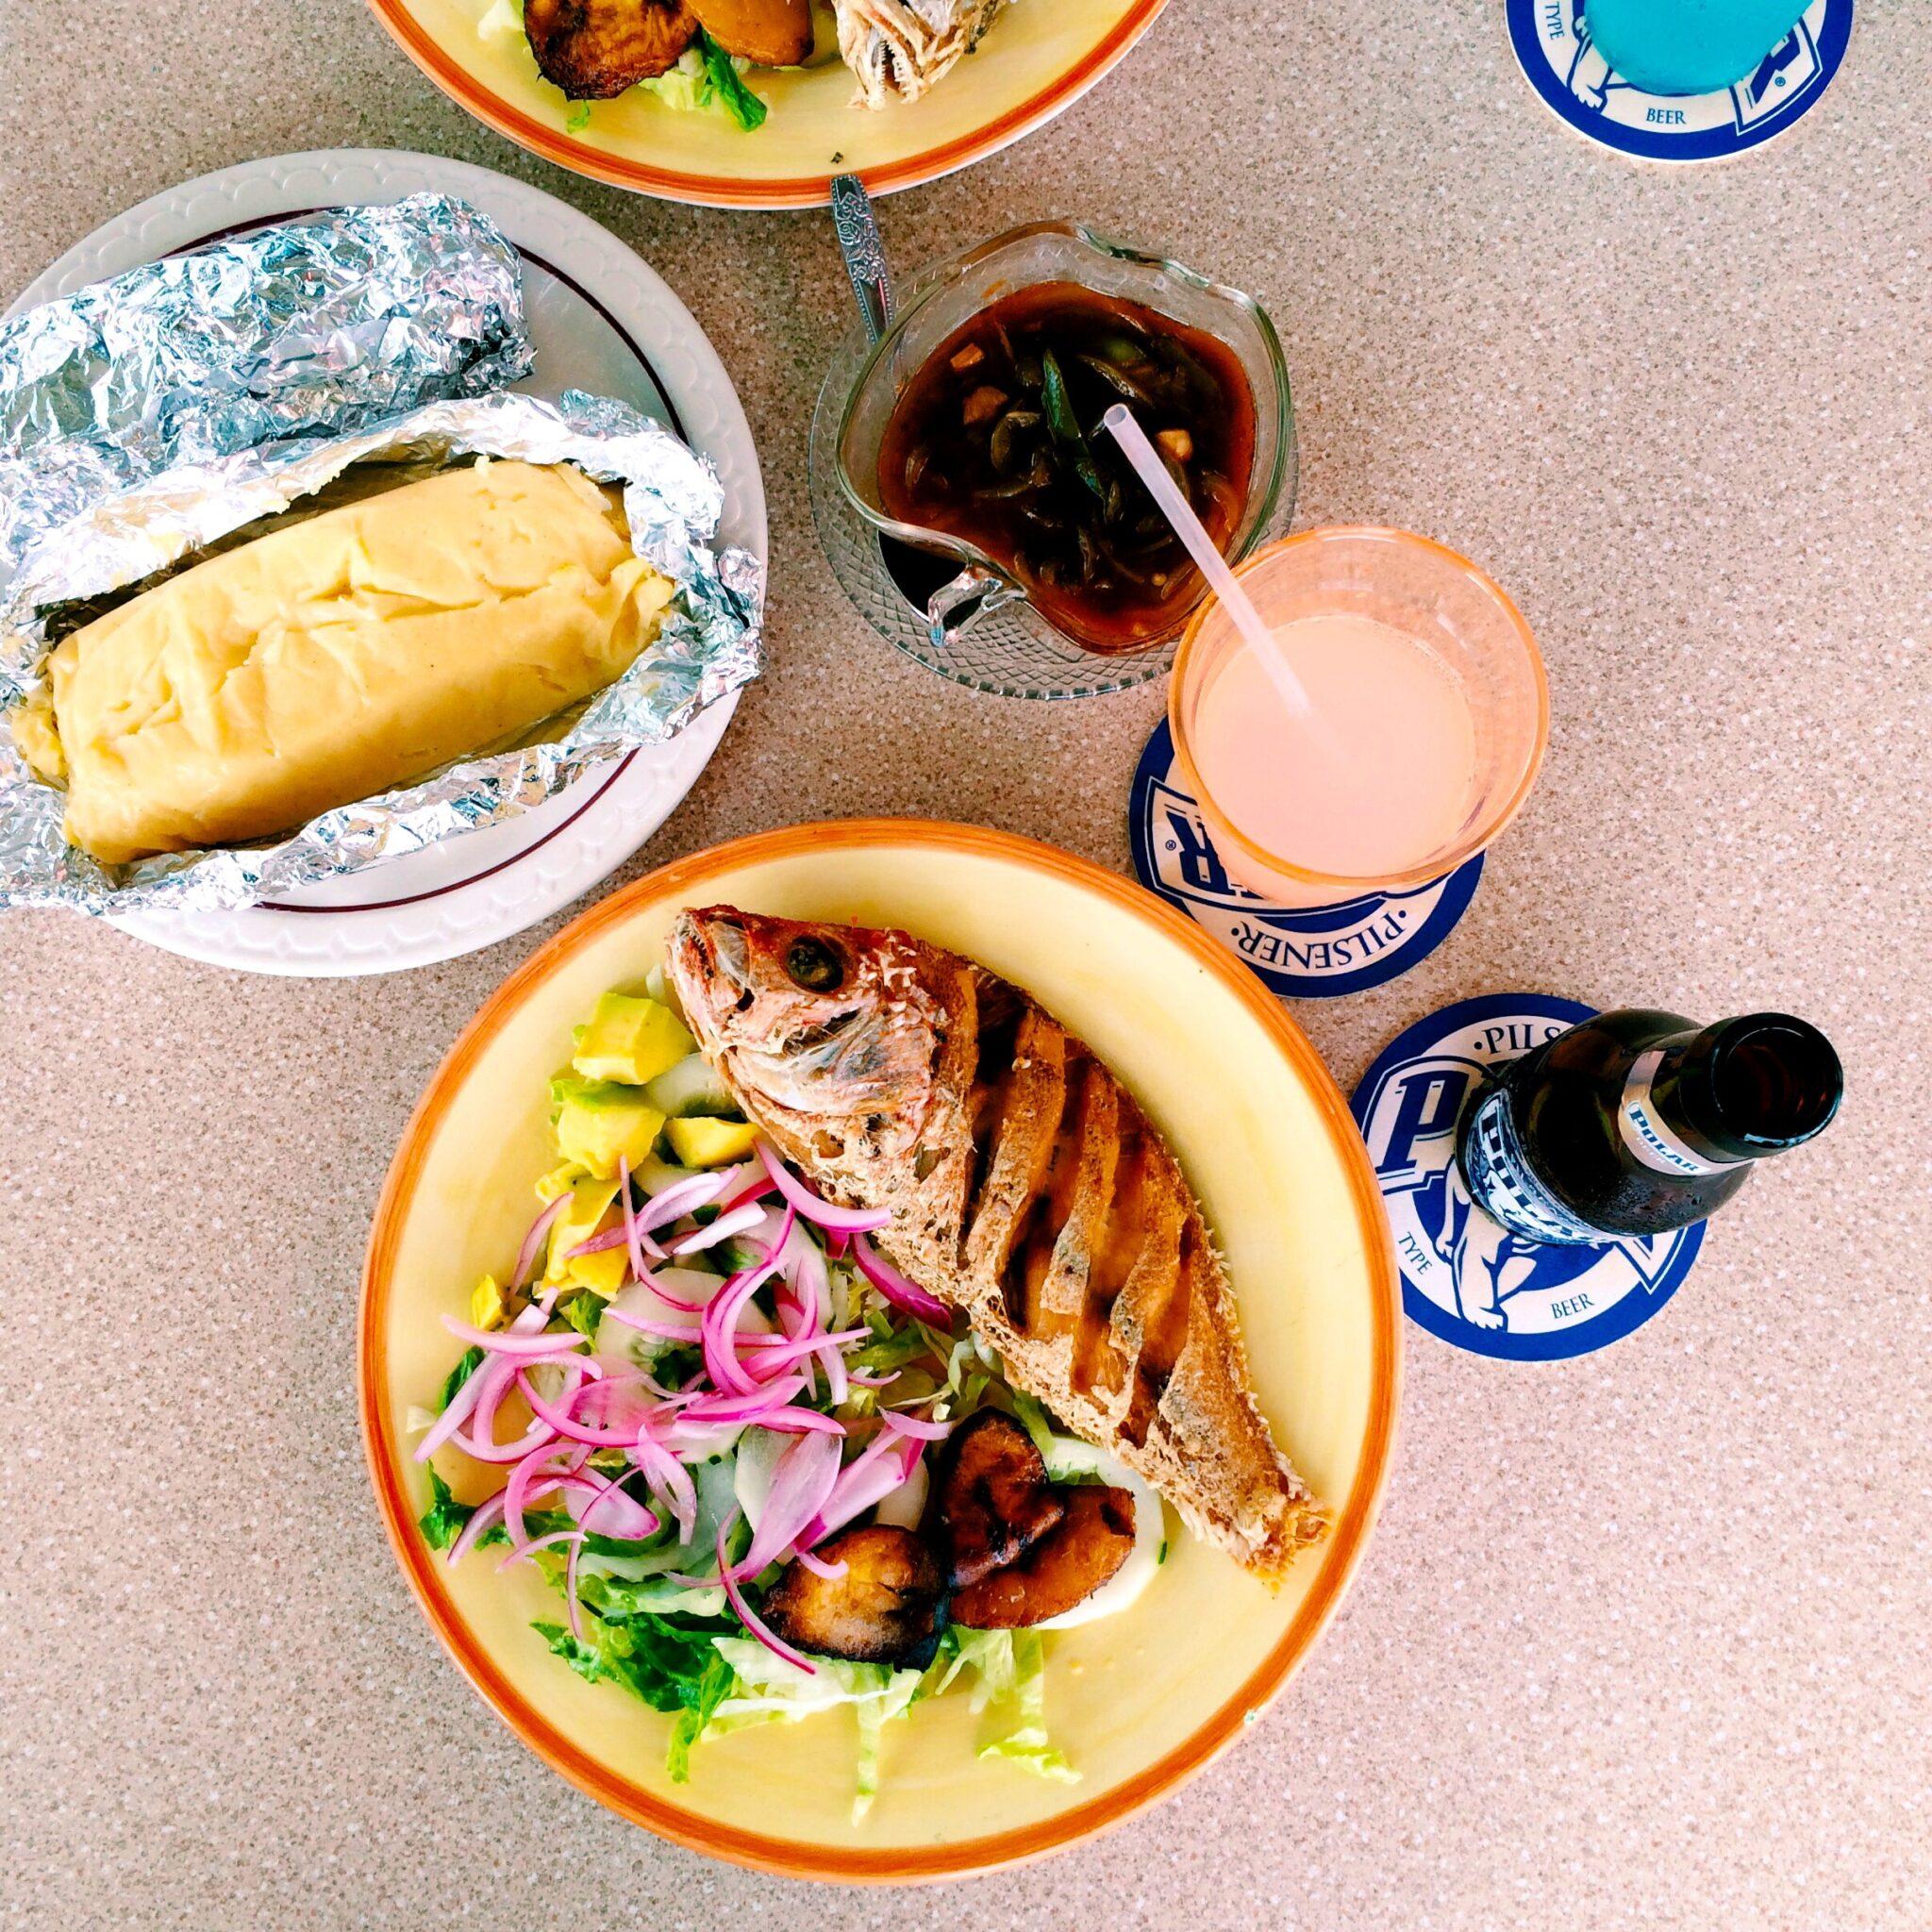 IMG 9362 - Purunchi - de lekkerste gebakken vis van Curaçao